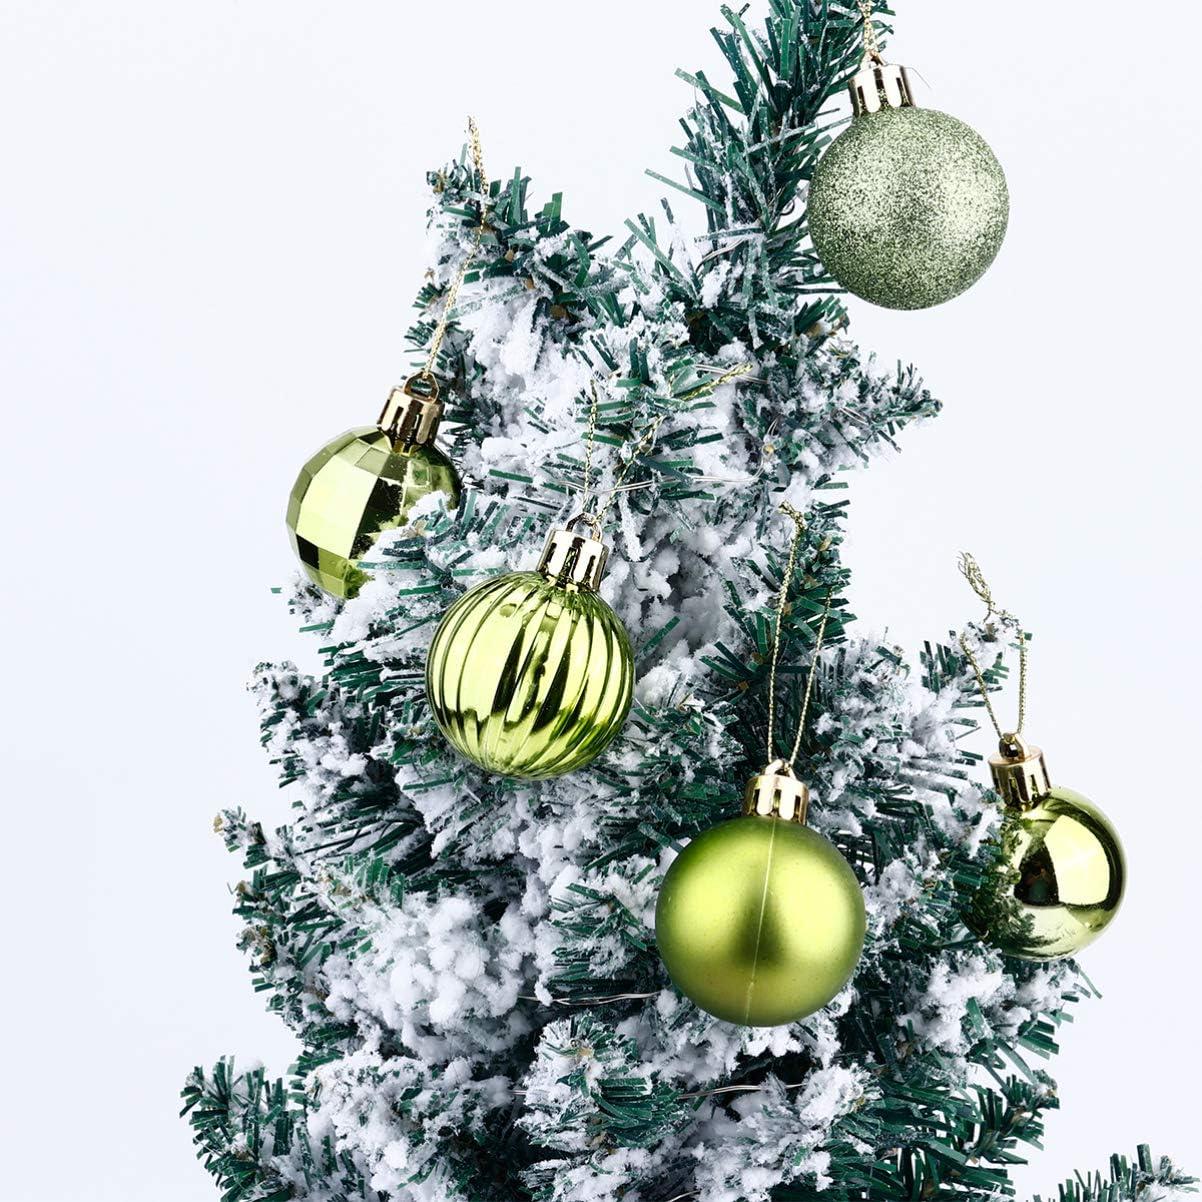 STOBOK 34 Pezzi Palline di Natale Mini Palline Decorative Infrangibili Palle di Natale Sfere Ornamenti Appesi Ad Albero Decorazione per Feste Blu